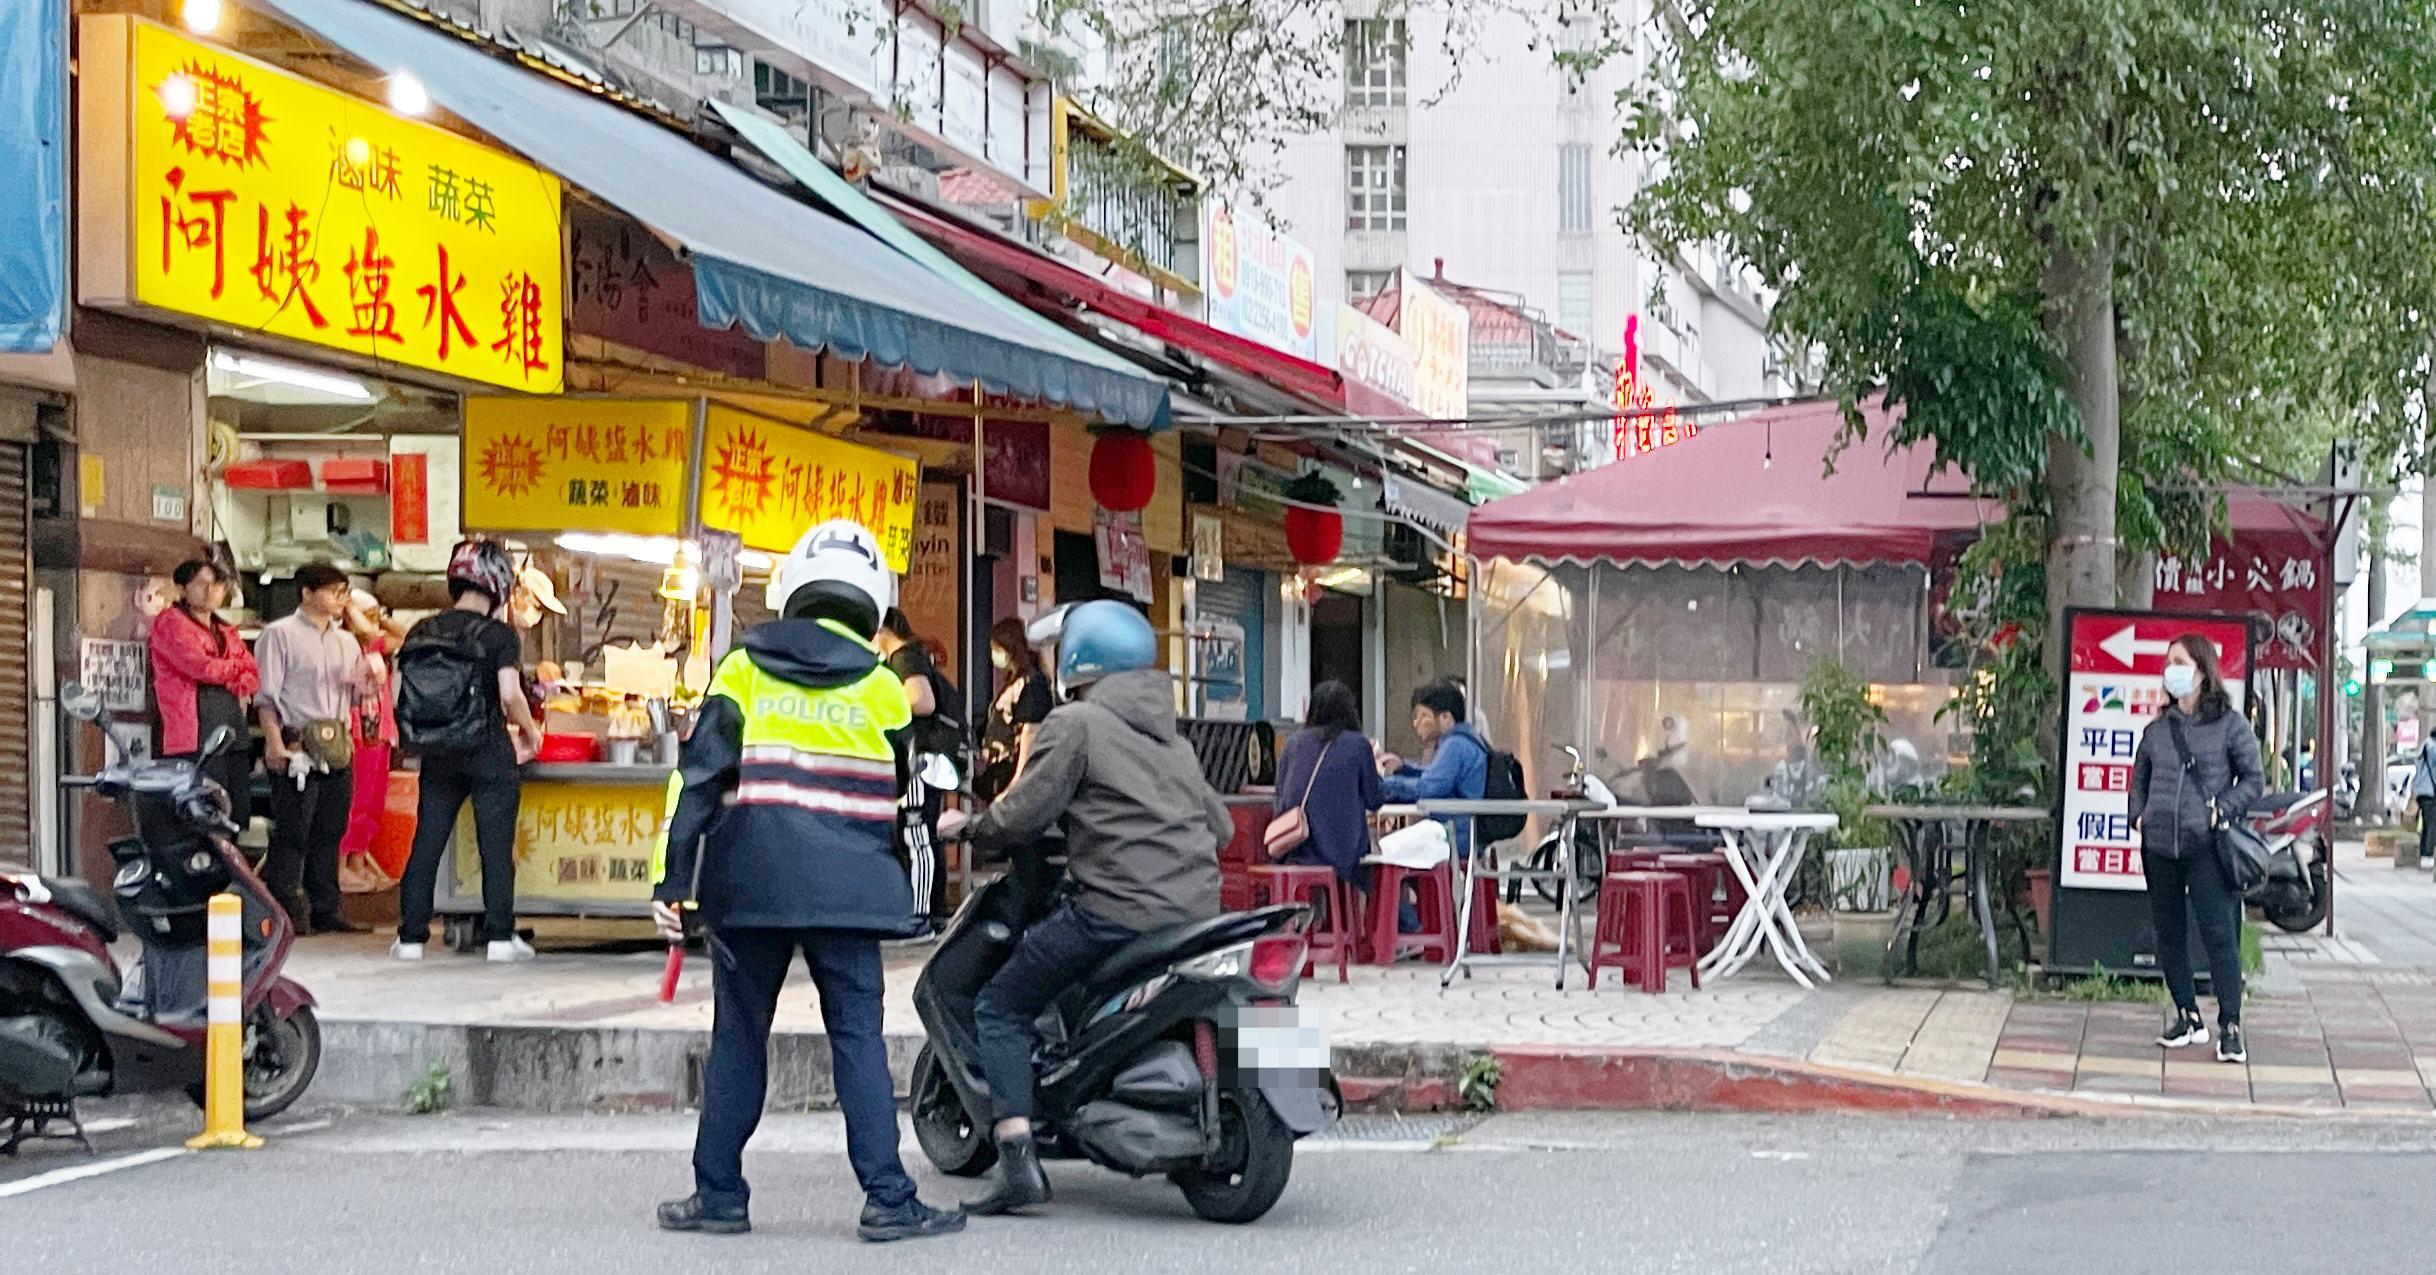 即時熱門文章:【士林夜市美食推薦】阿姨鹹水雞,超過50種鹹水雞(菜單)